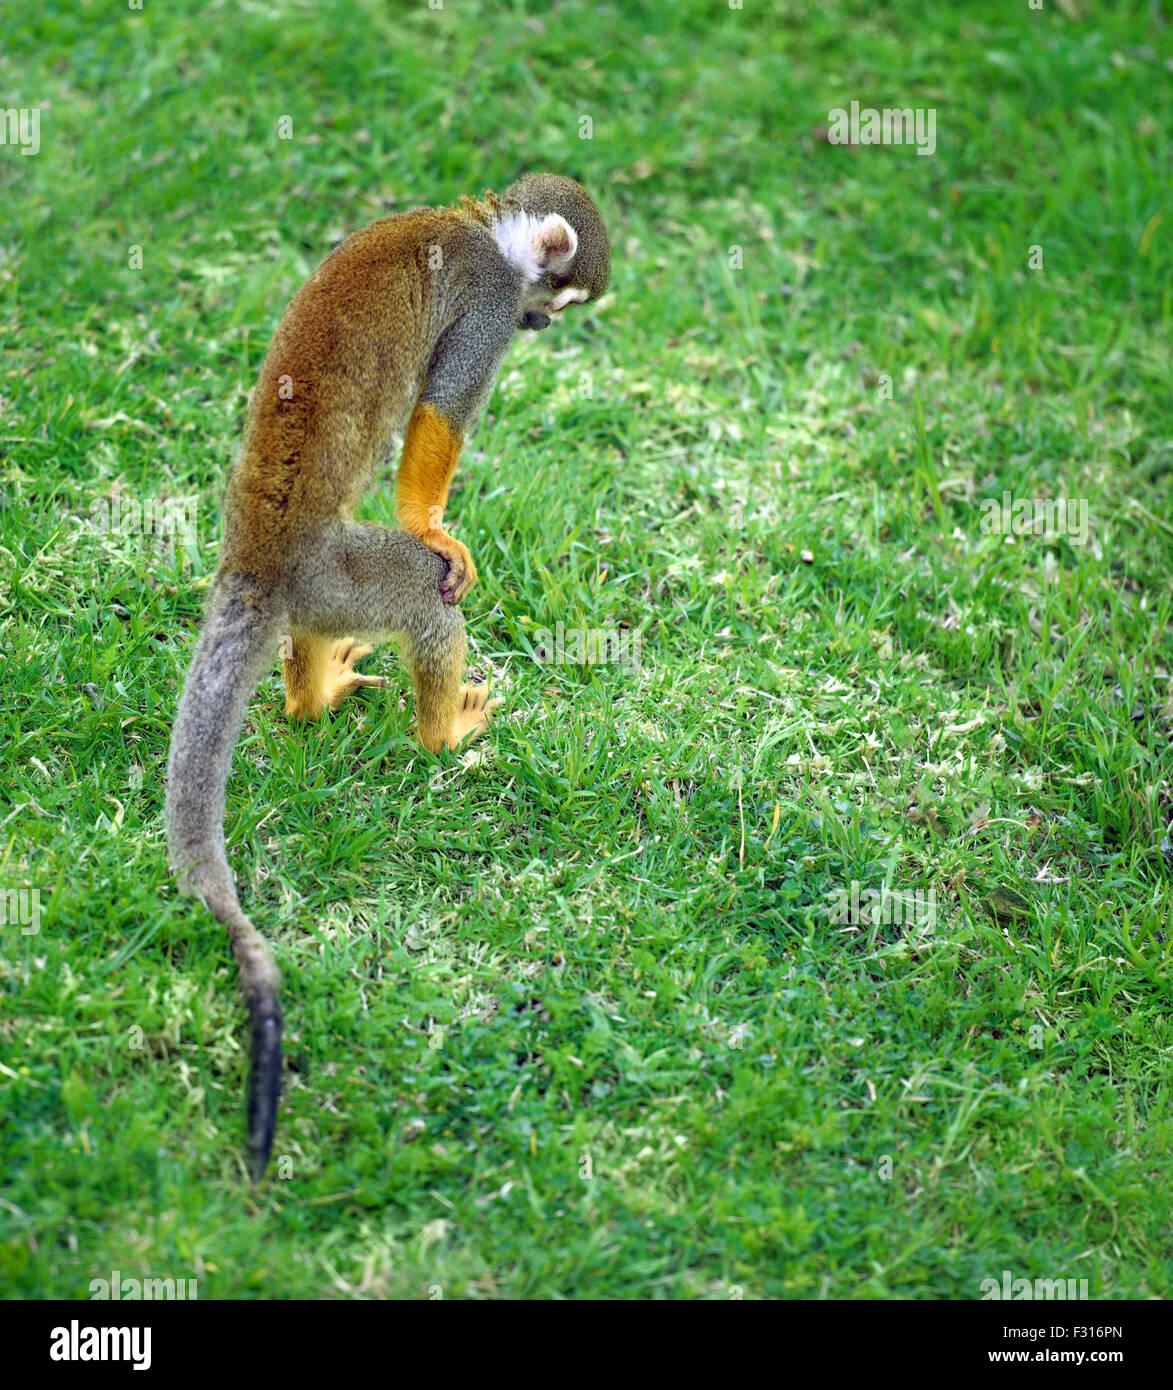 Mono ardilla buscando algo en la hierba Imagen De Stock